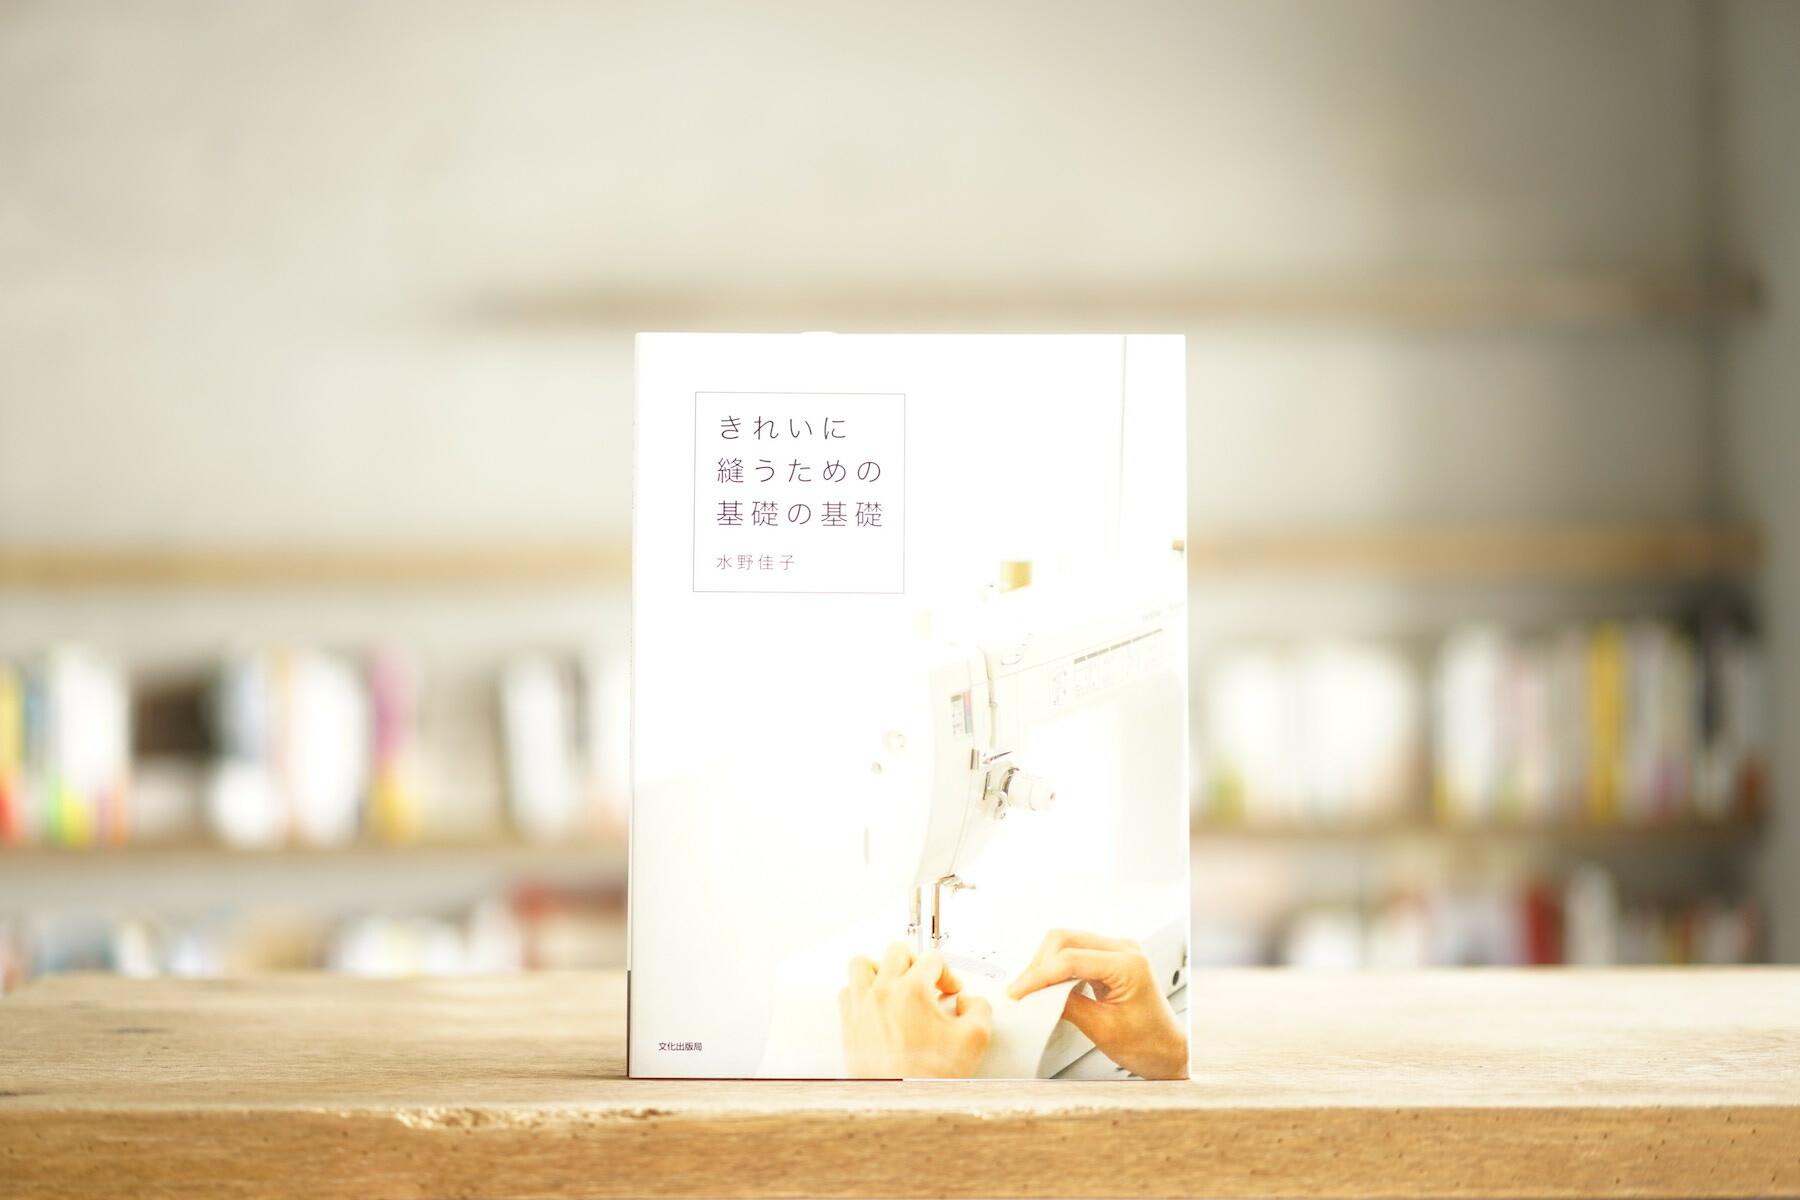 水野佳子 『きれいに縫うための基礎の基礎』 (文化出版局、2009)